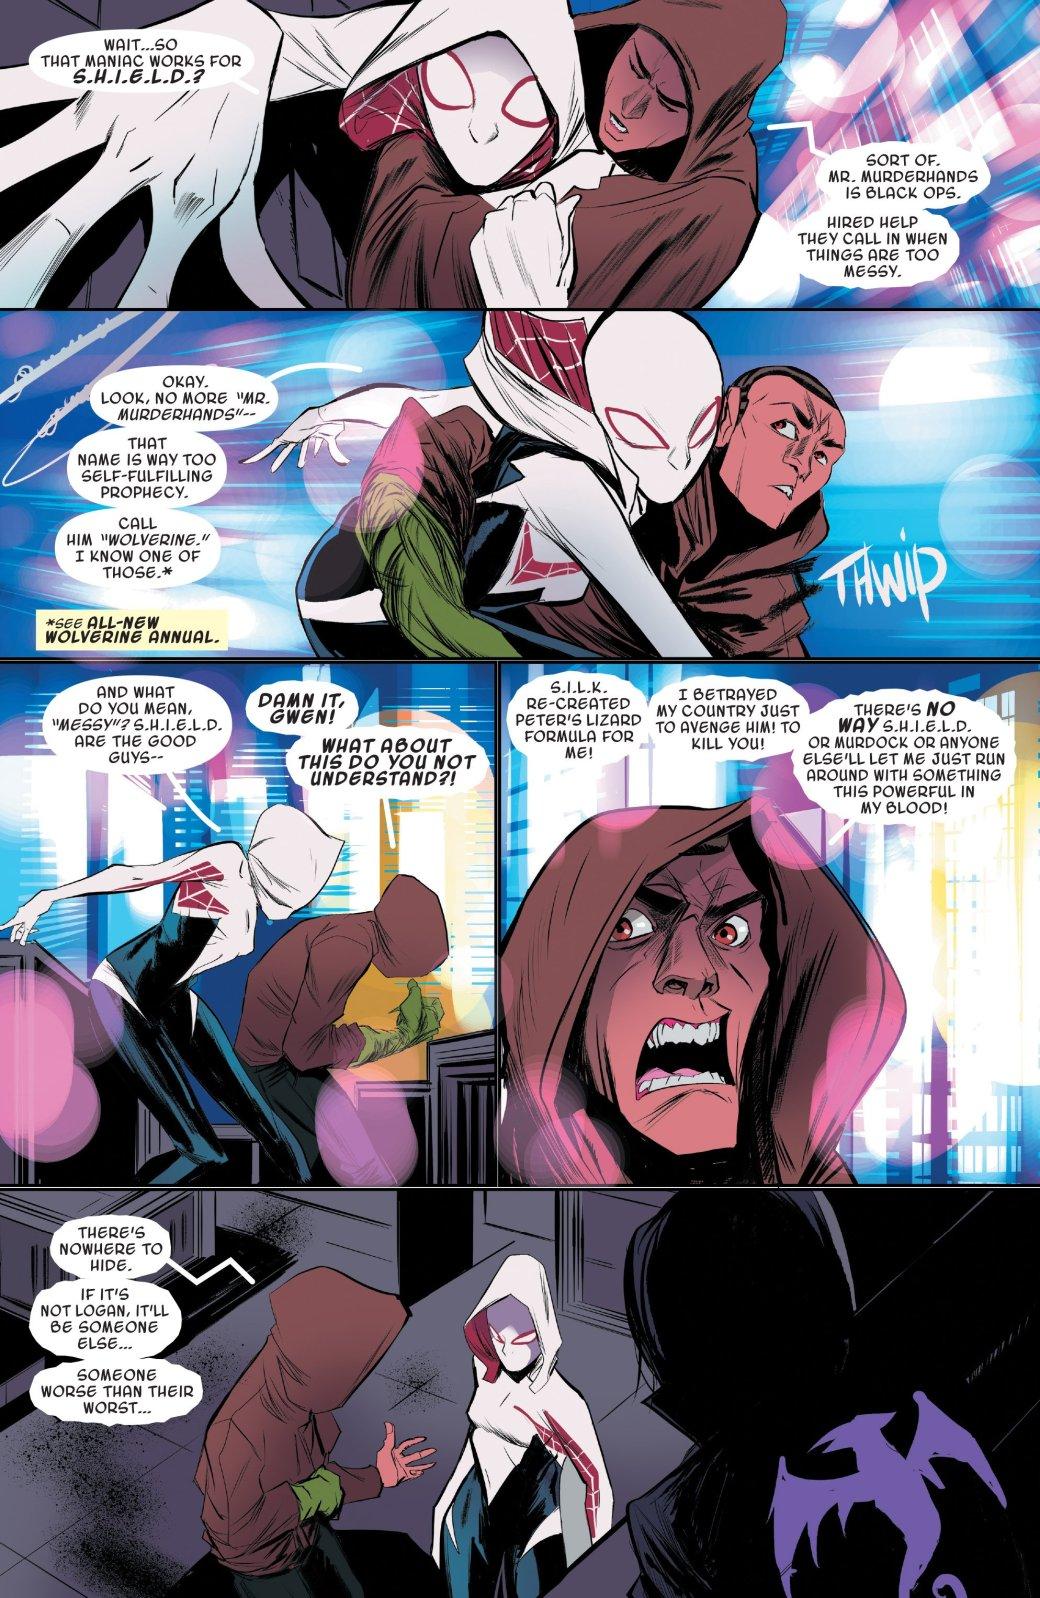 Marvel показала еще одного Логана, но в этот раз из другой вселенной